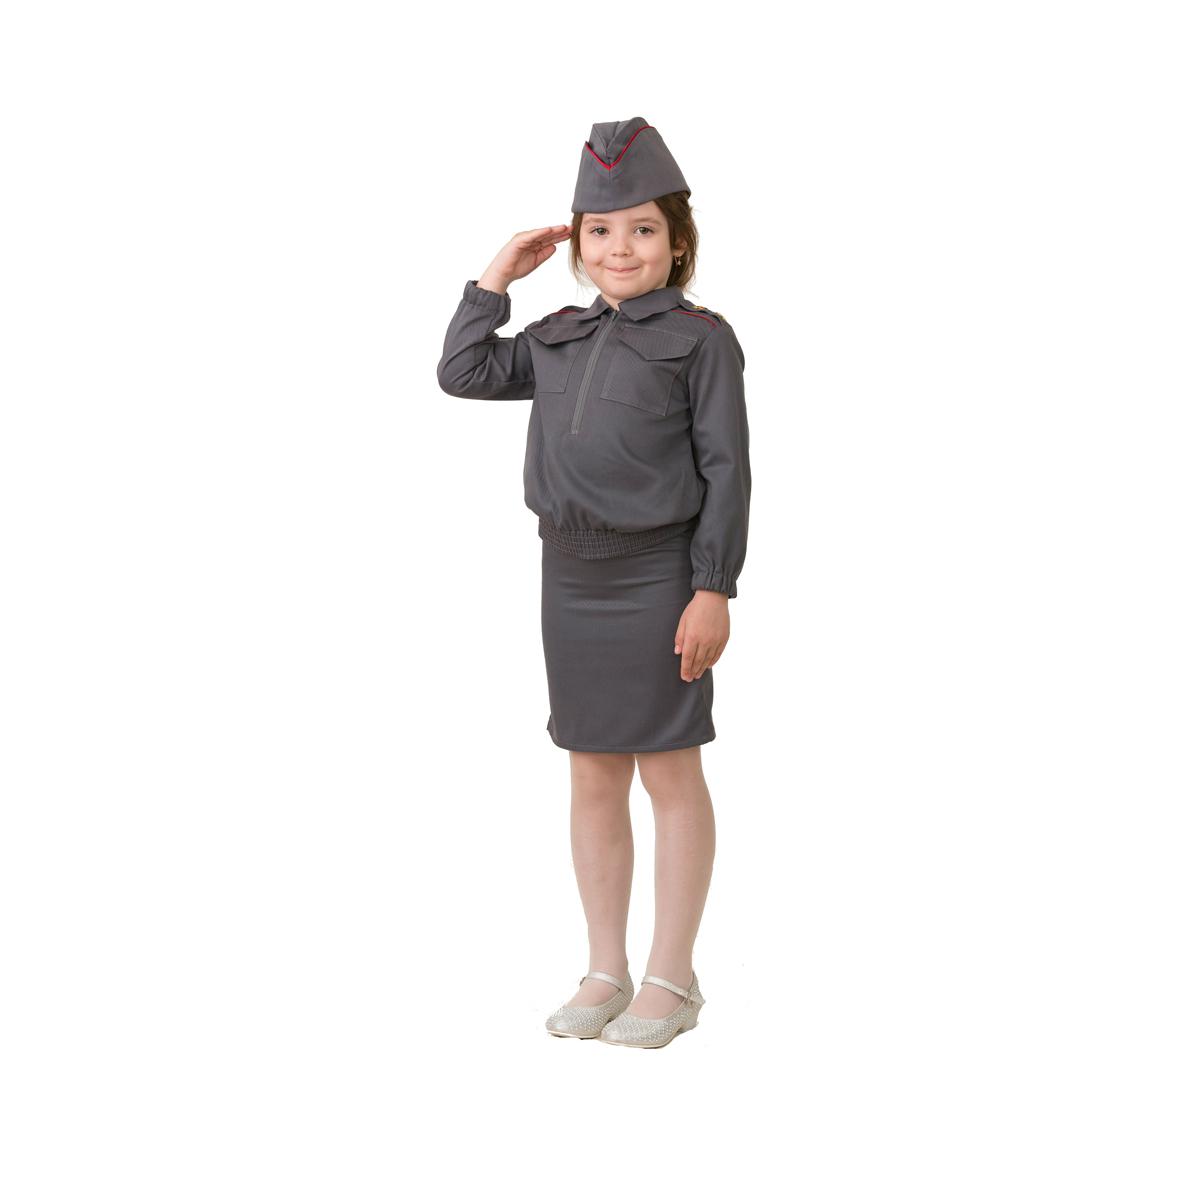 Батик Костюм карнавальный для девочки Полицейская размер 30 батик карнавальный костюм для девочки снежинка размер 30